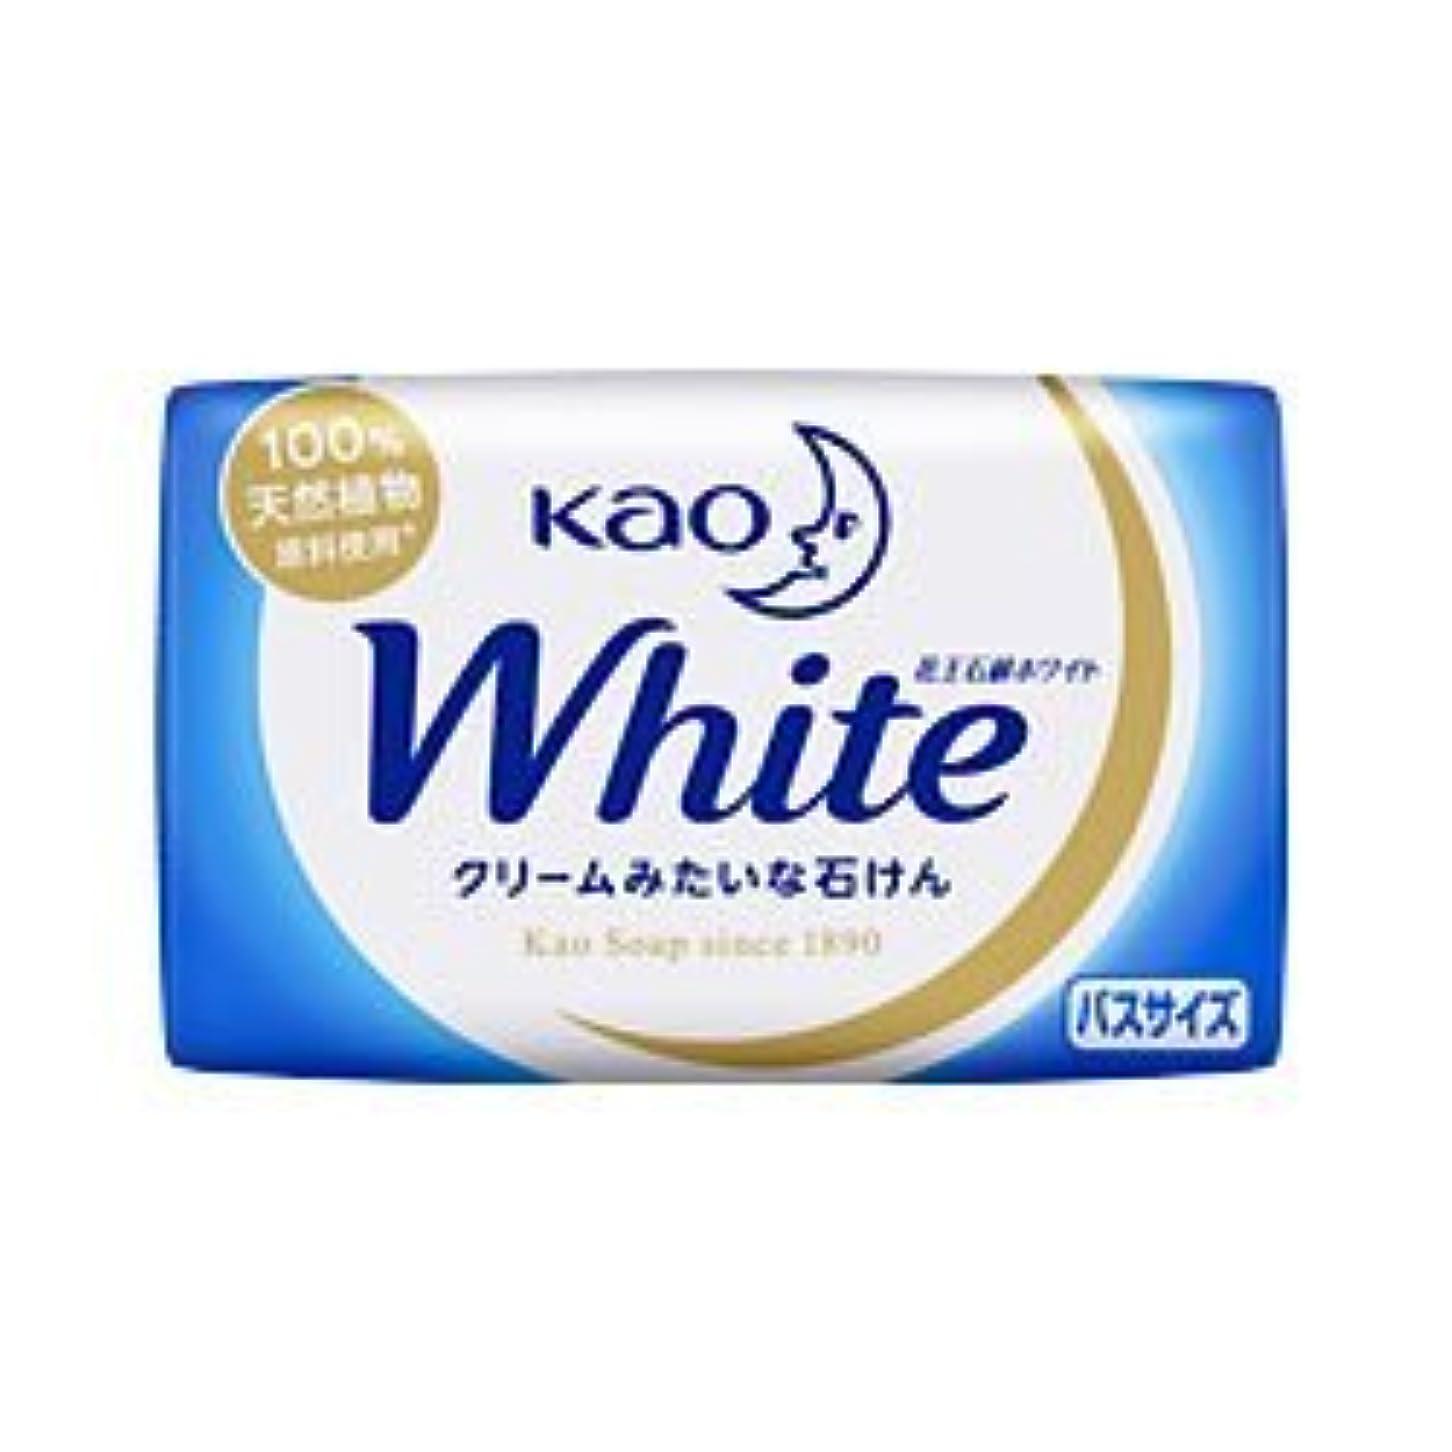 ファーザーファージュオーバーコートこの【花王】花王ホワイト バスサイズ 1個 130g ×20個セット